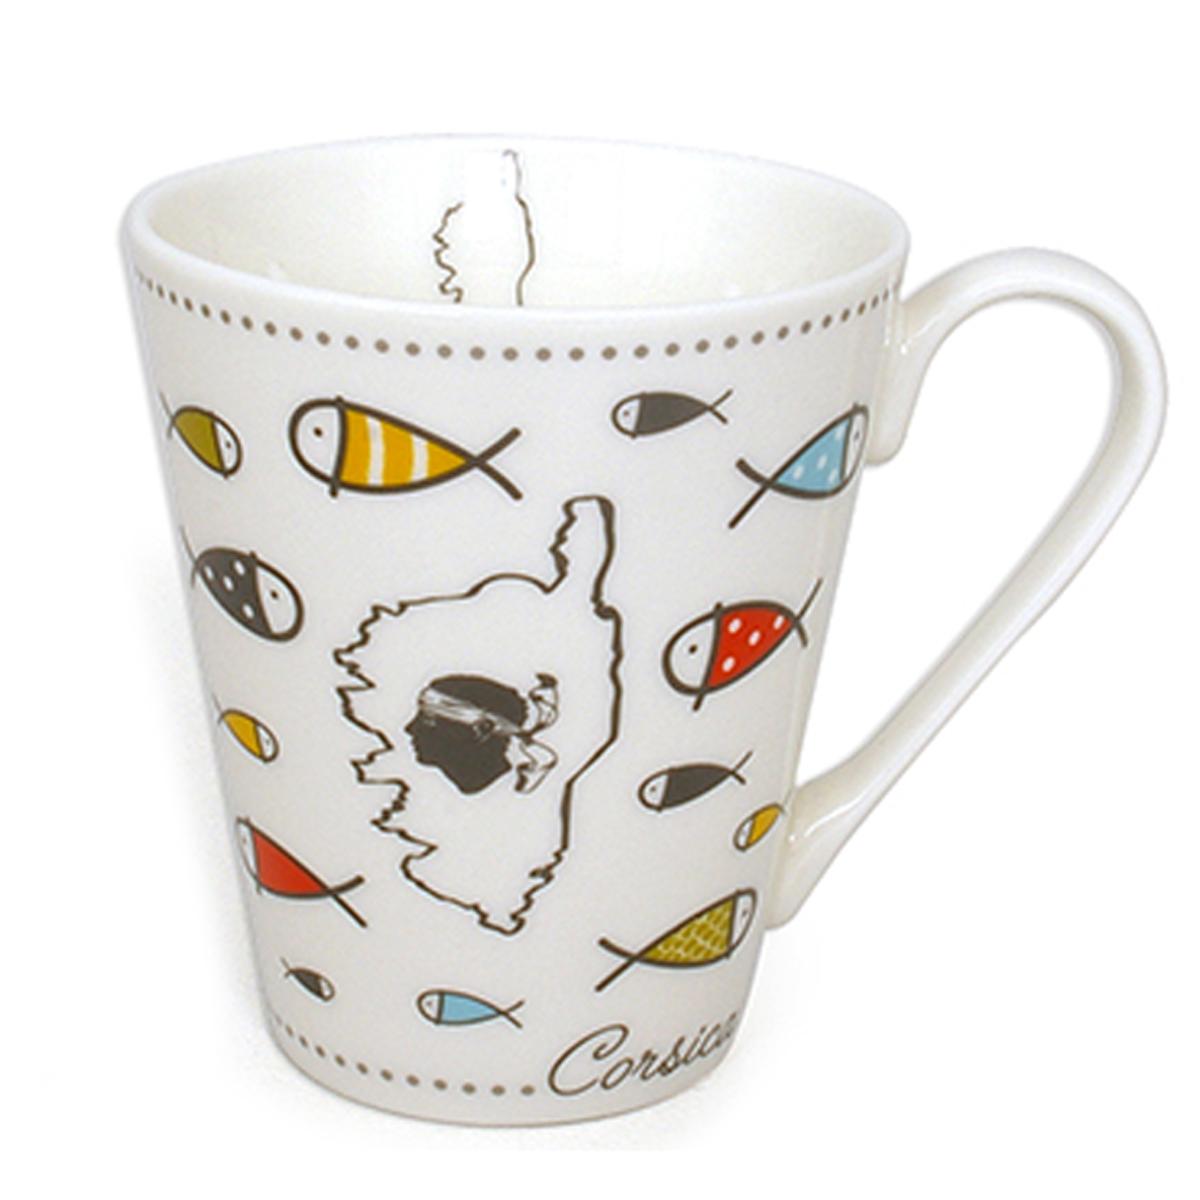 Mug porcelaine \'Corsica\' multicolore (poissons) - 10x85 cm (325 cl) - [A1142]